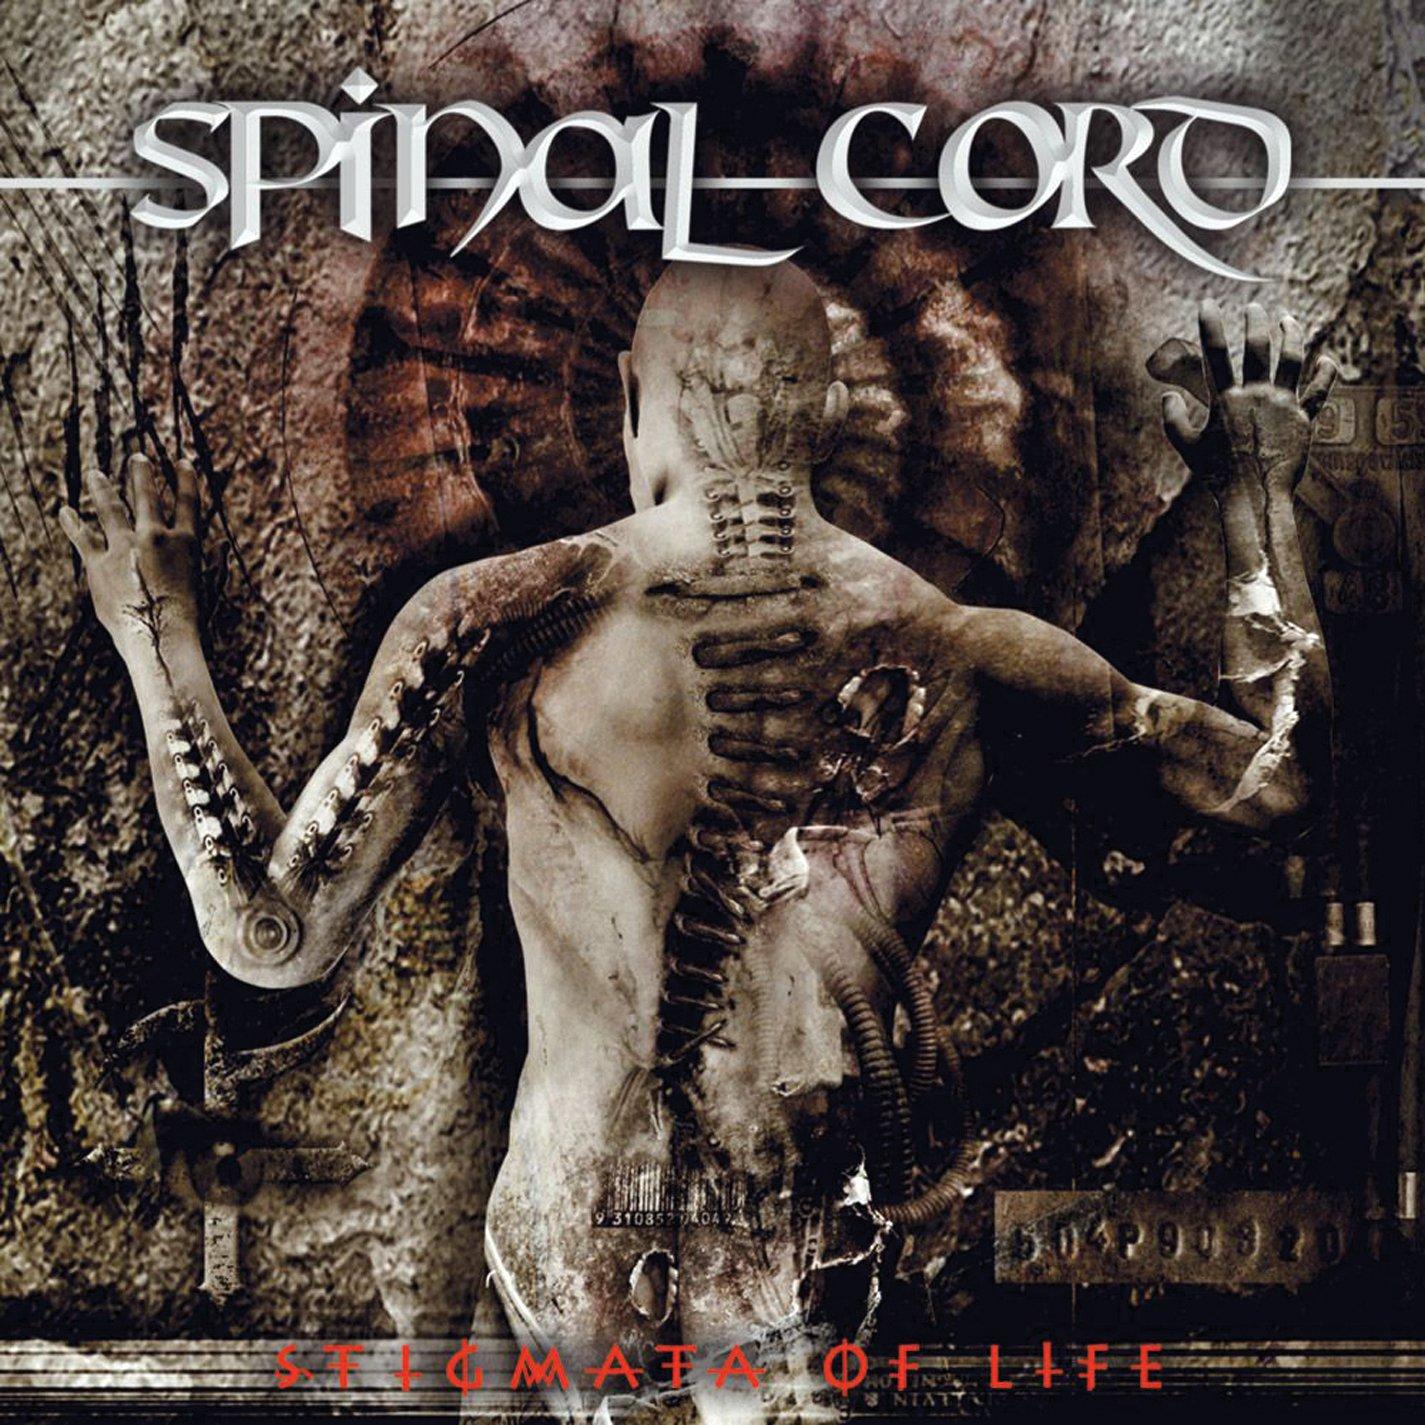 Spinal Cord – Stigmata of Life (2004) [FLAC]